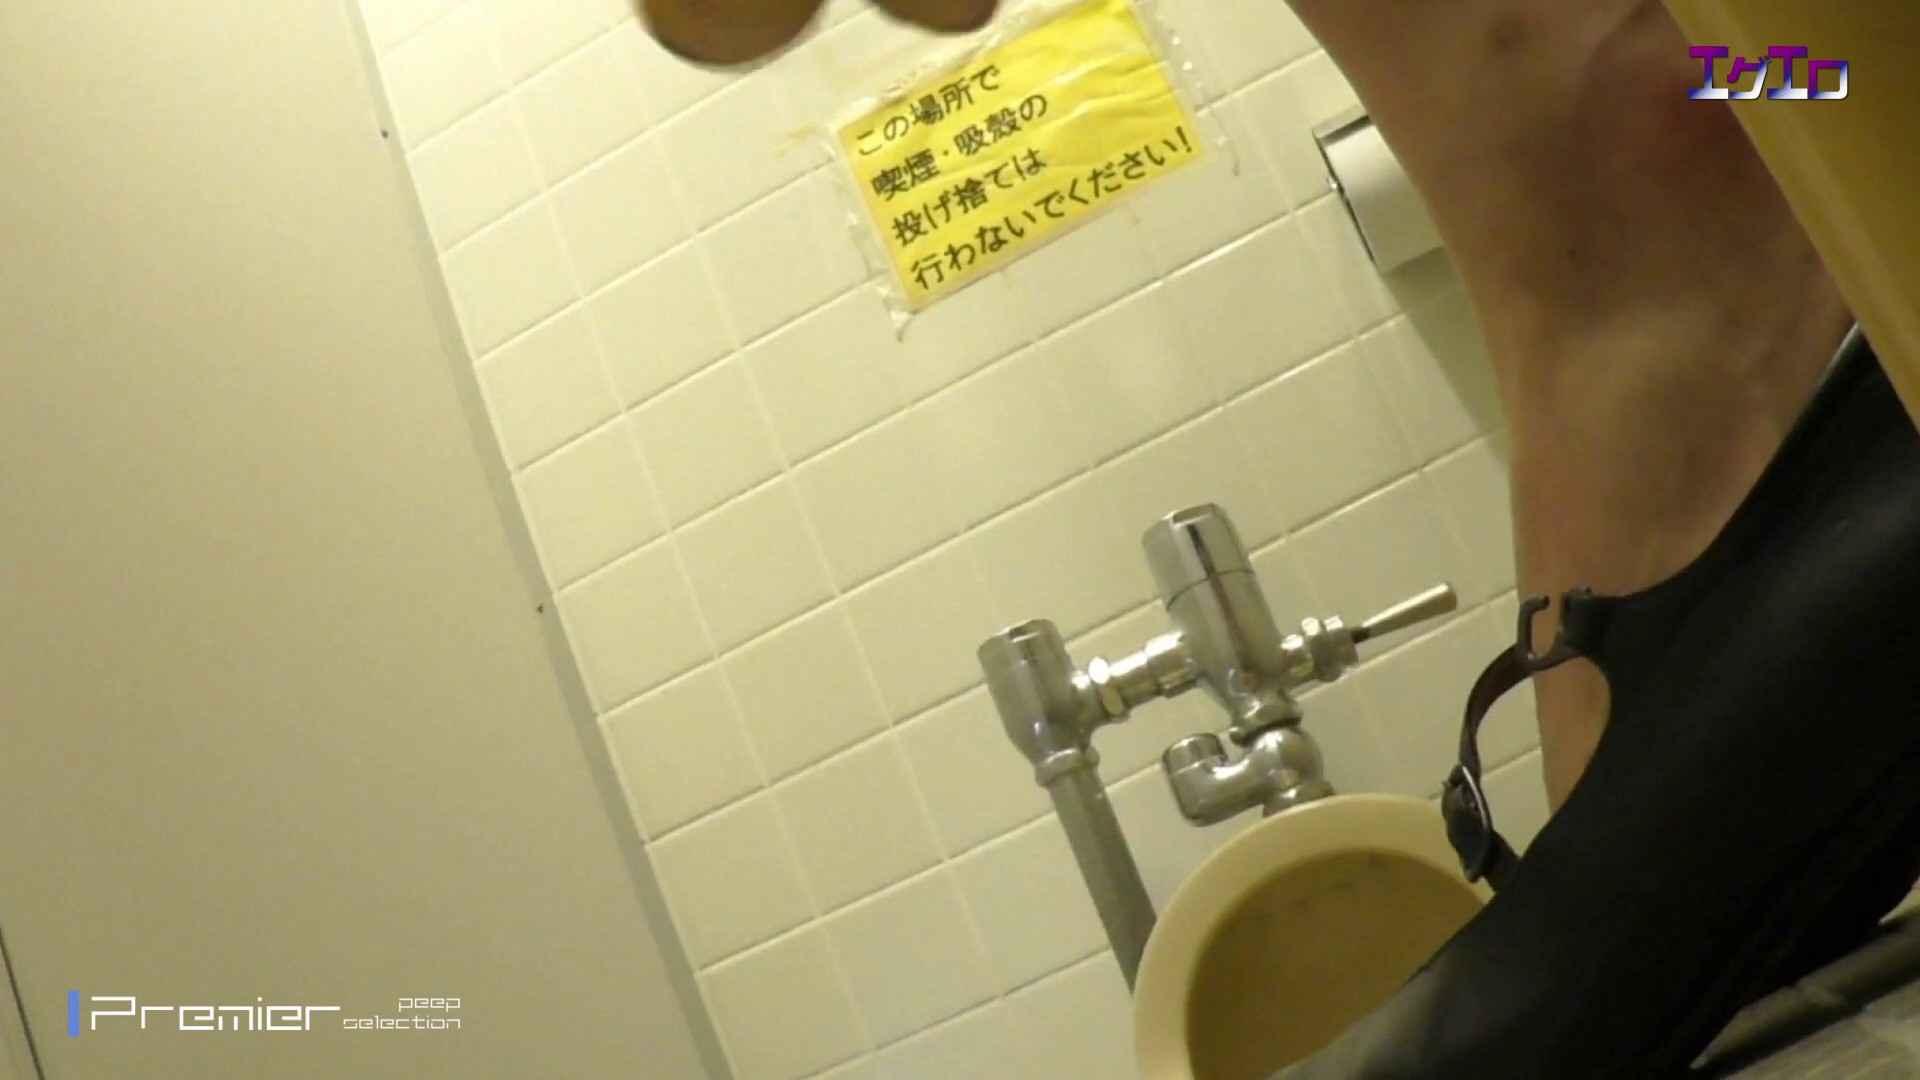 執念の撮影&追撮!!某女子校の通学路にあるトイレ 至近距離洗面所 Vol.16 エッチすぎるOL達  107連発 81